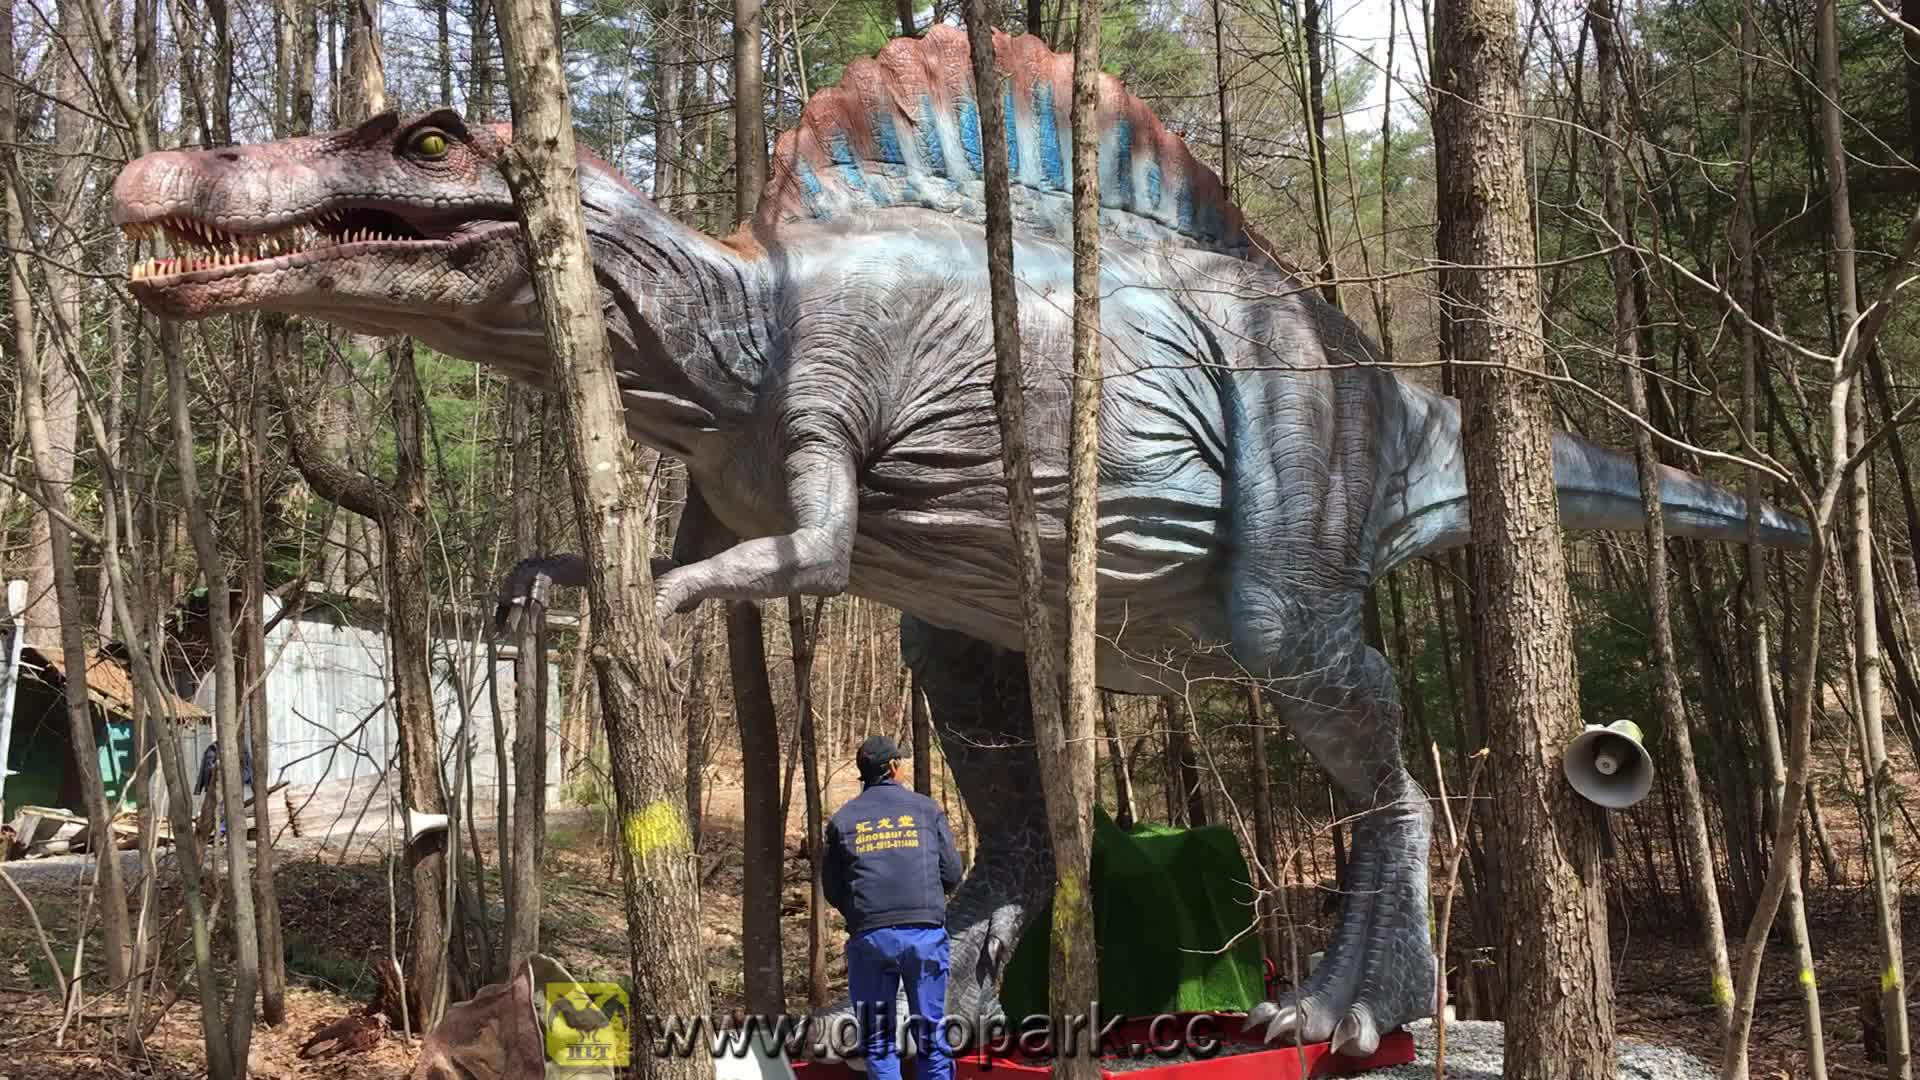 HLT Lifesize מלאכותי יורה מכאני דינוזאור ספינוזאור עבור פרק